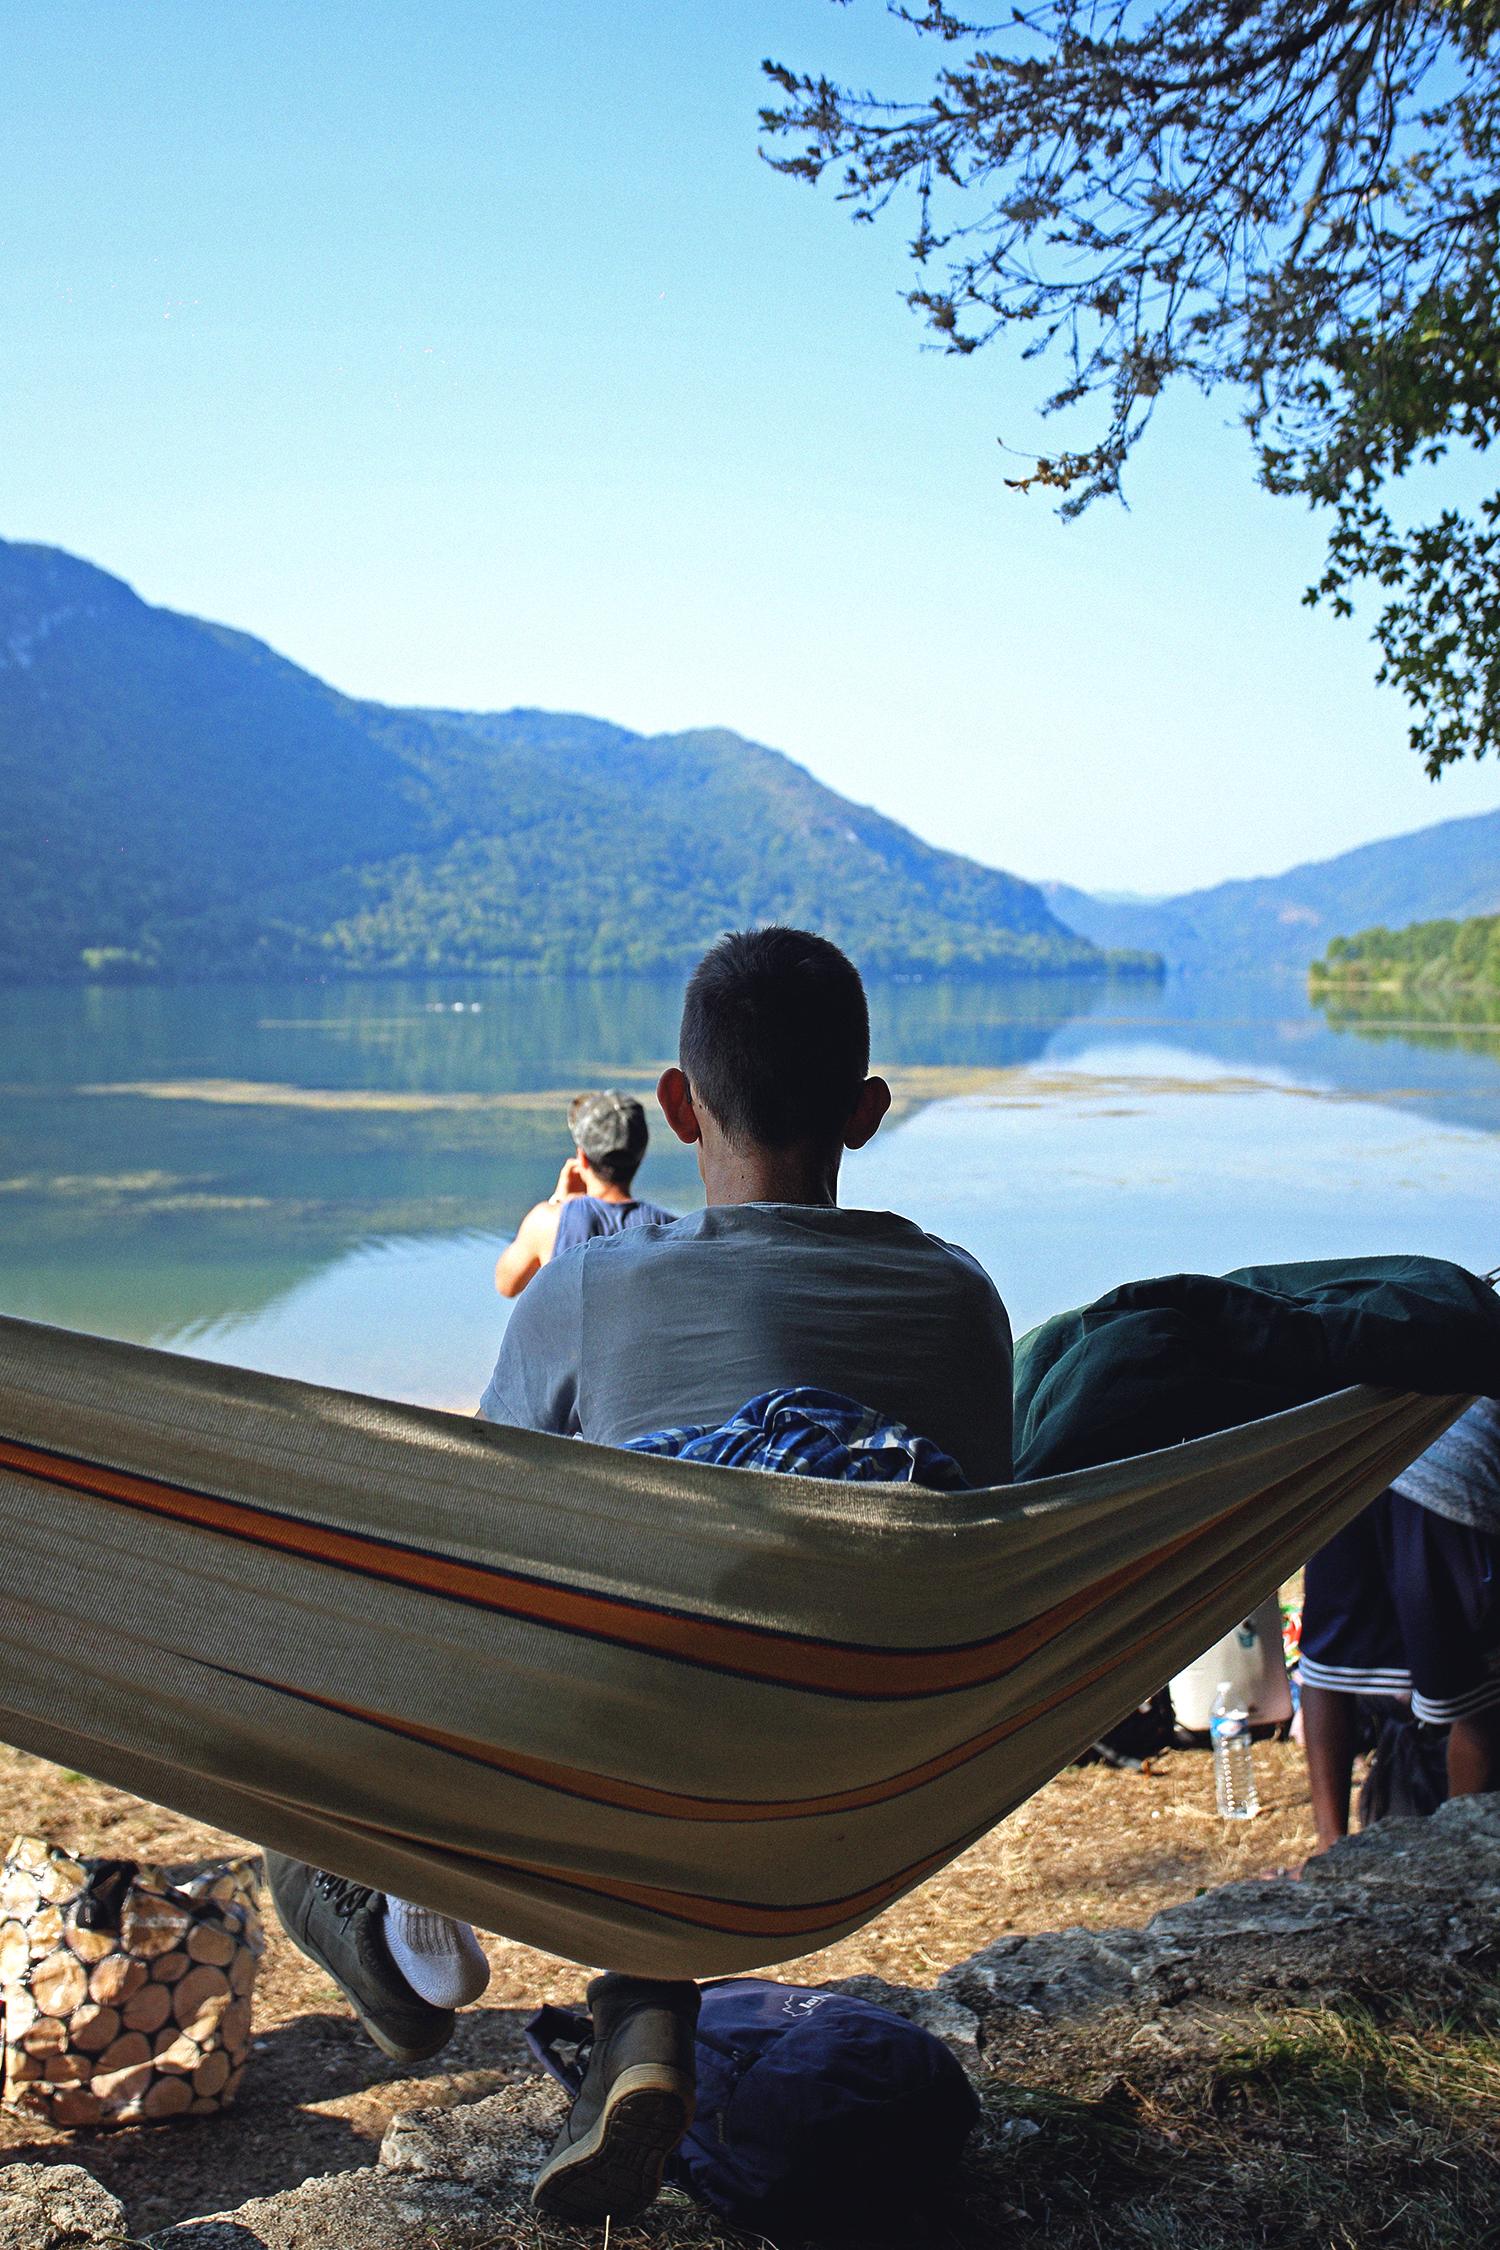 Lac-vouglans-050818-blog-9